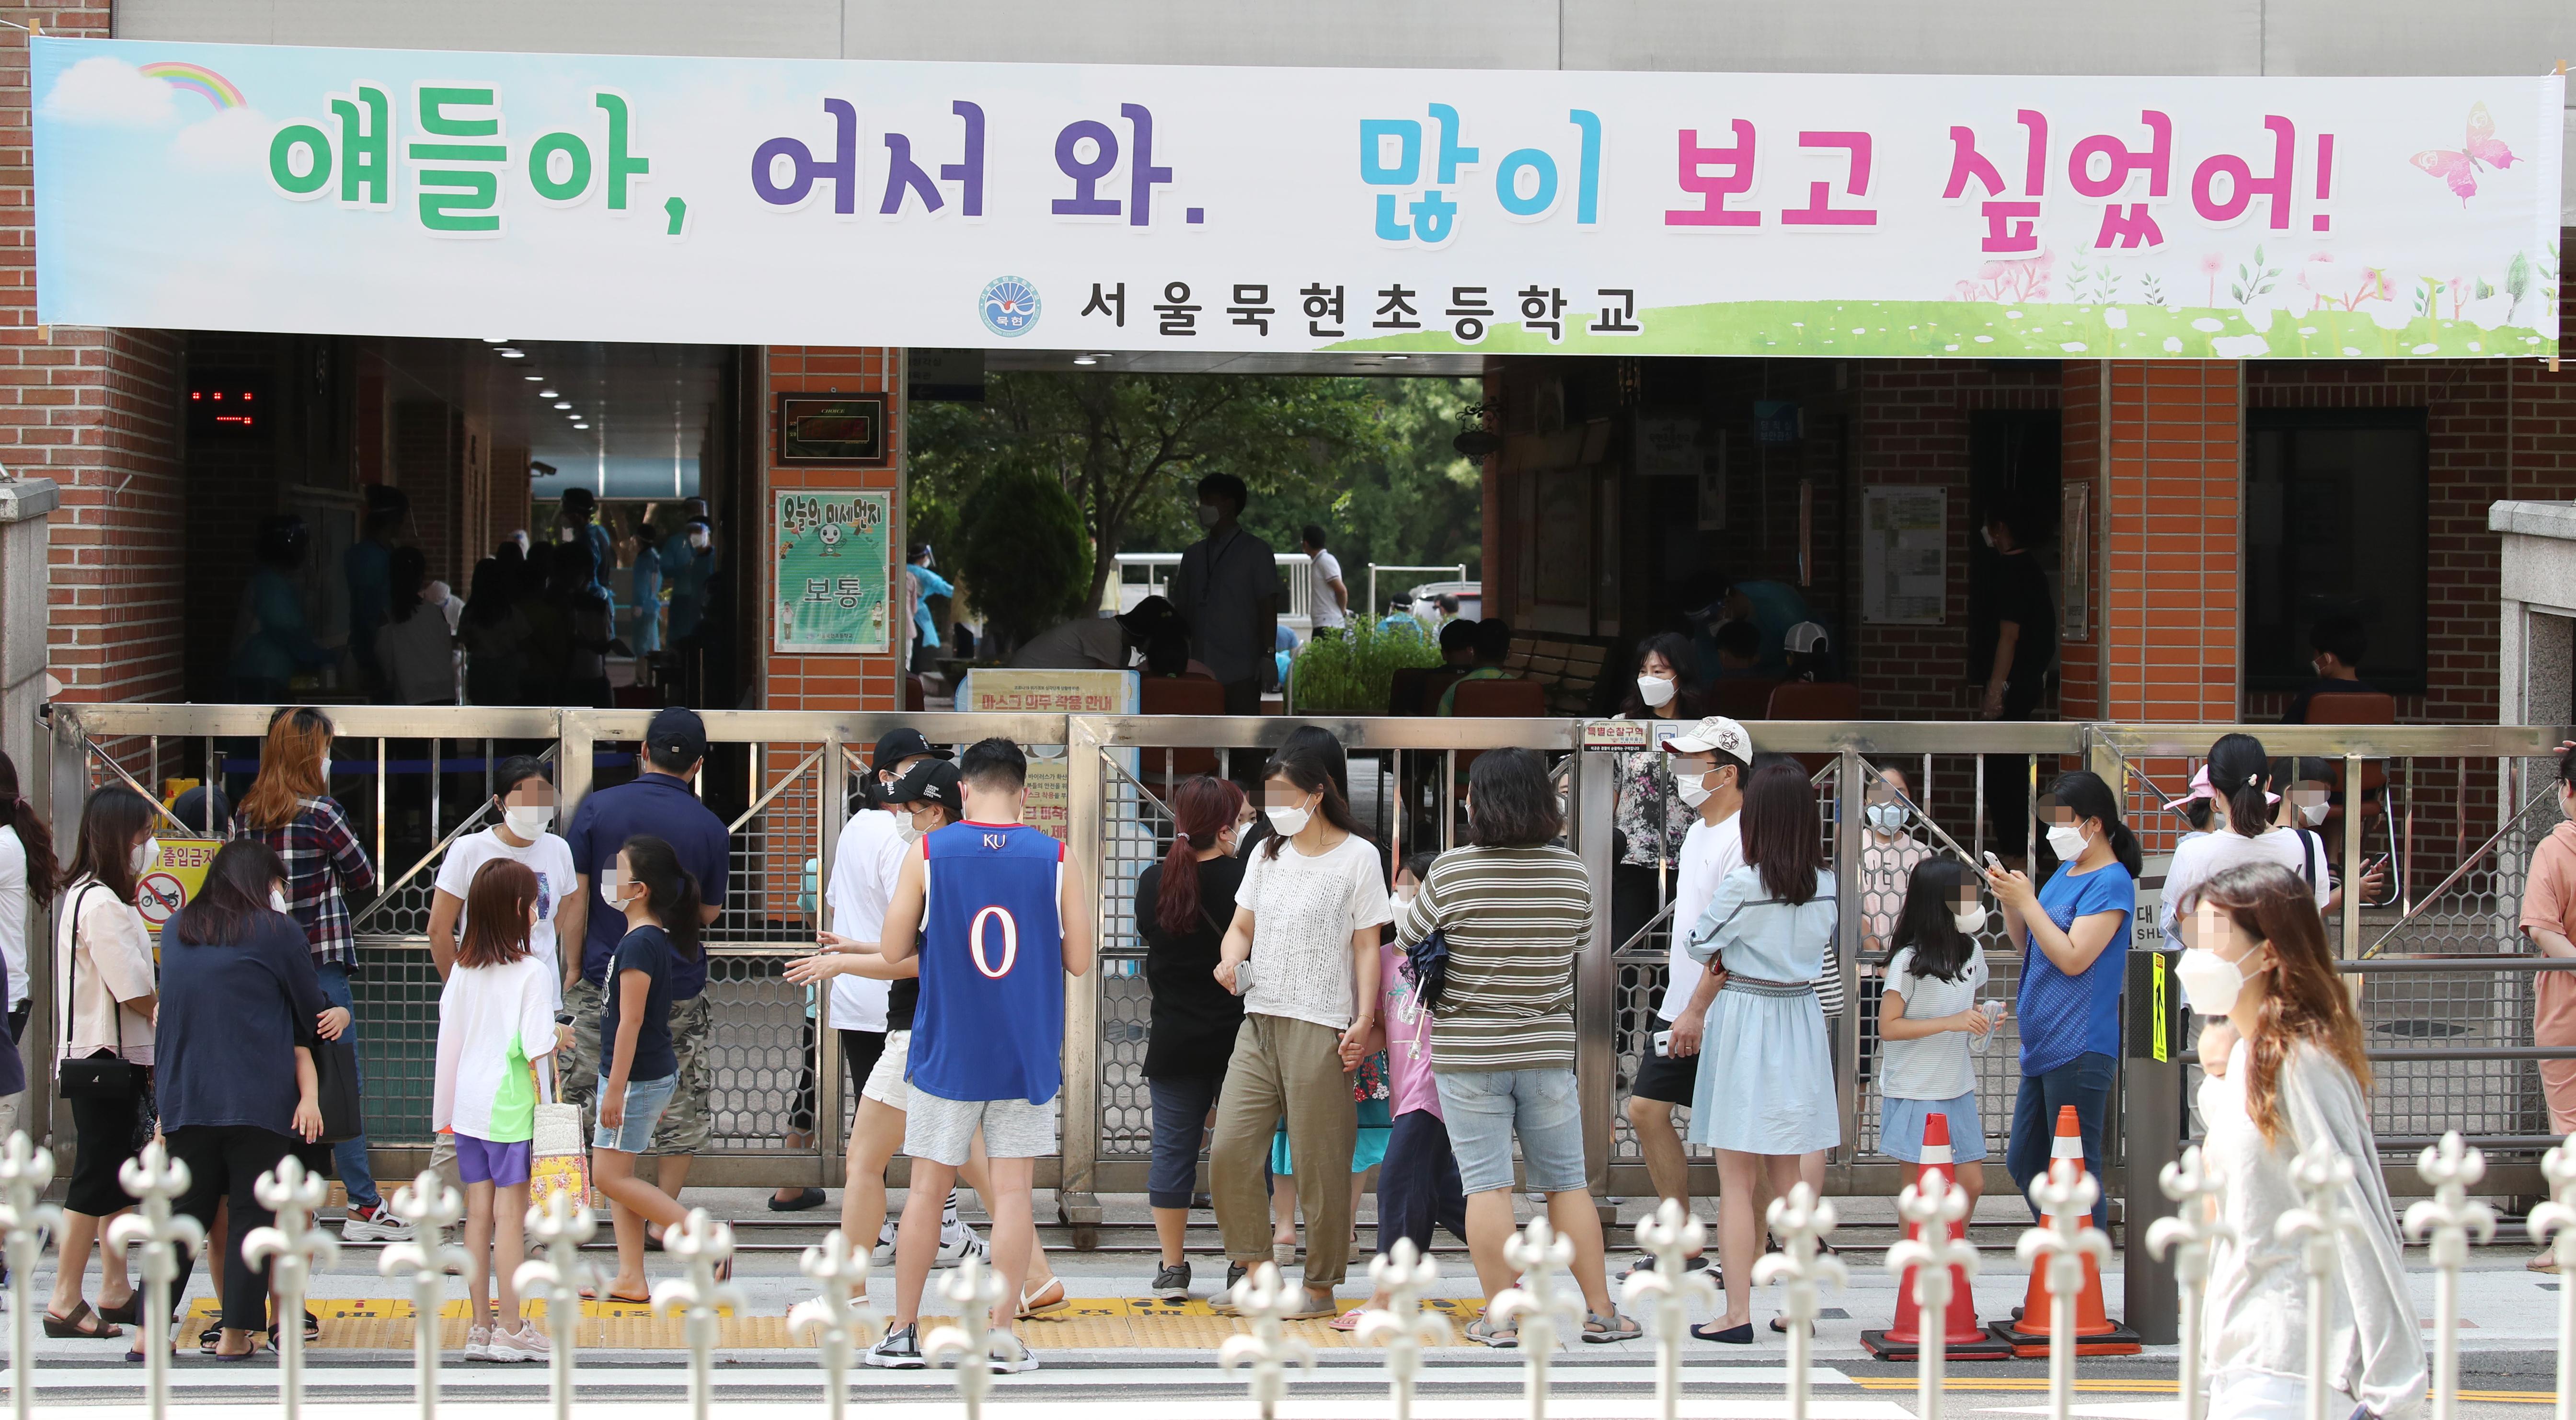 중랑구 묵현초등학교 선별 진료소에서 대기하는 학생들